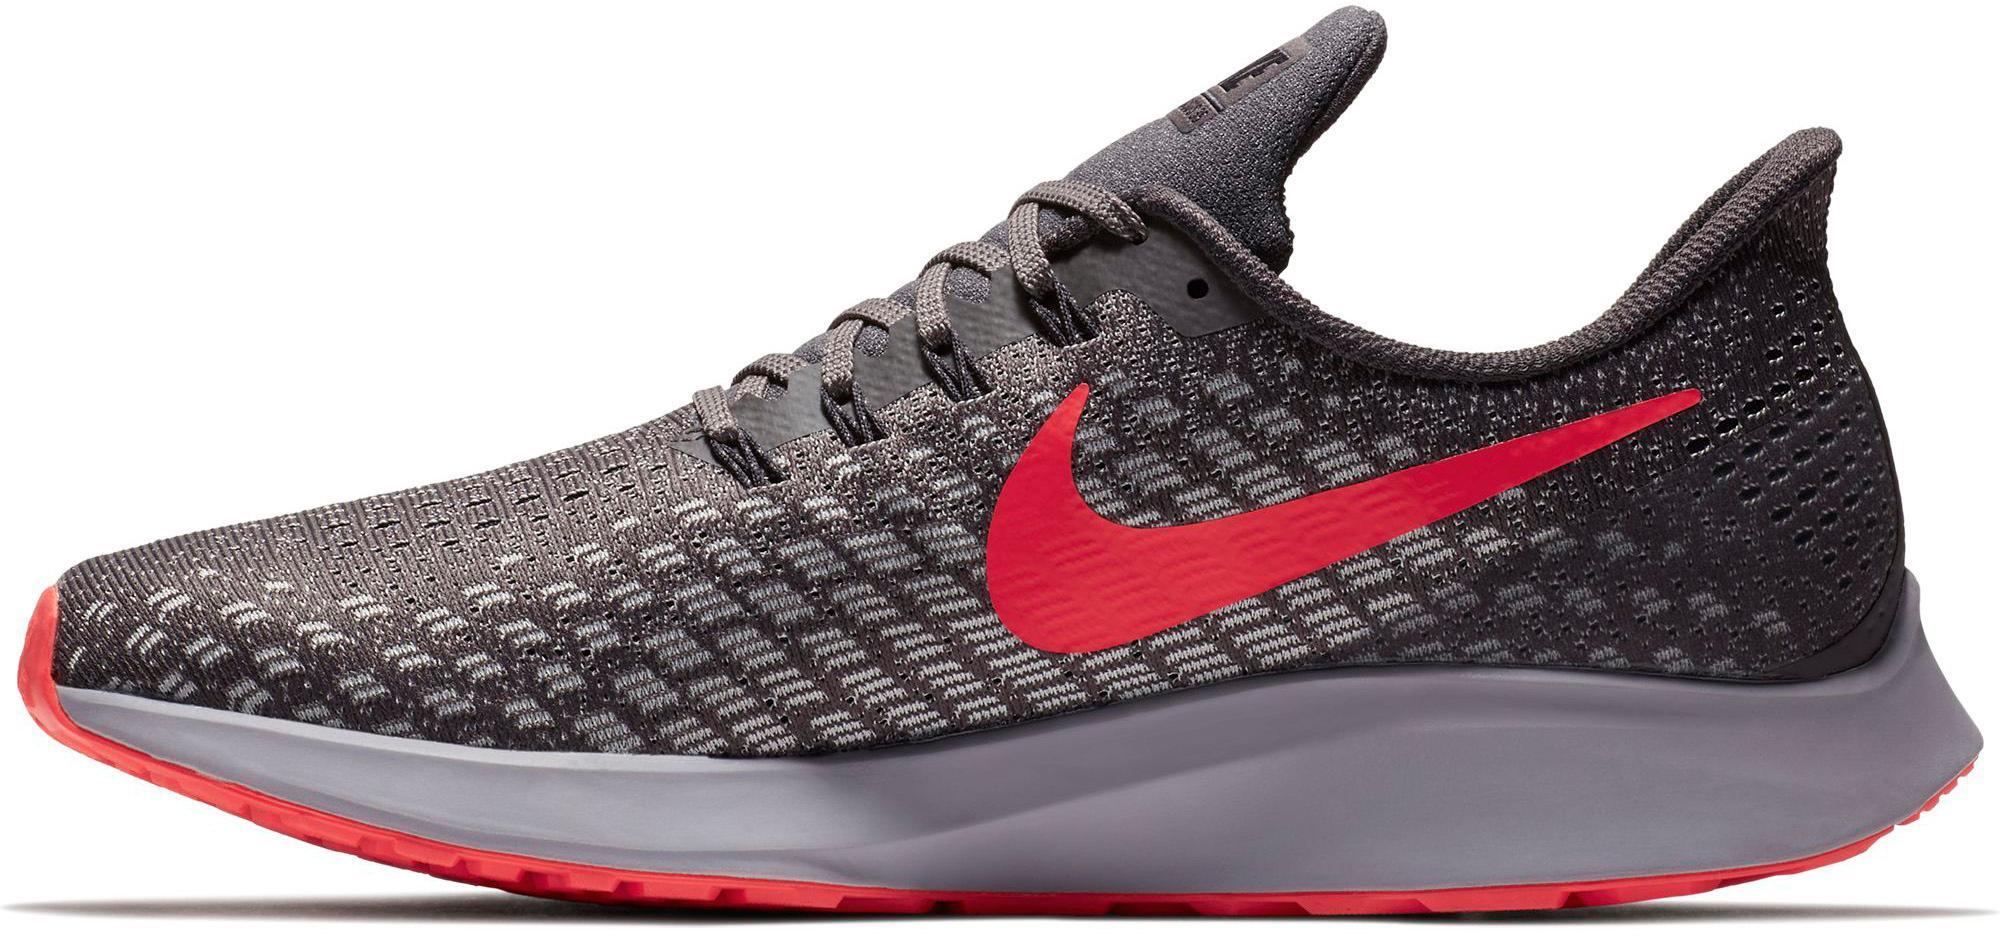 buy online 5095f e8745 Nike AIR ZOOM PEGASUS 35 Laufschuhe Herren  thunder-grey-brt-crimson-phantom-oil-grey-provence-purple im Online Shop  von SportScheck kaufen